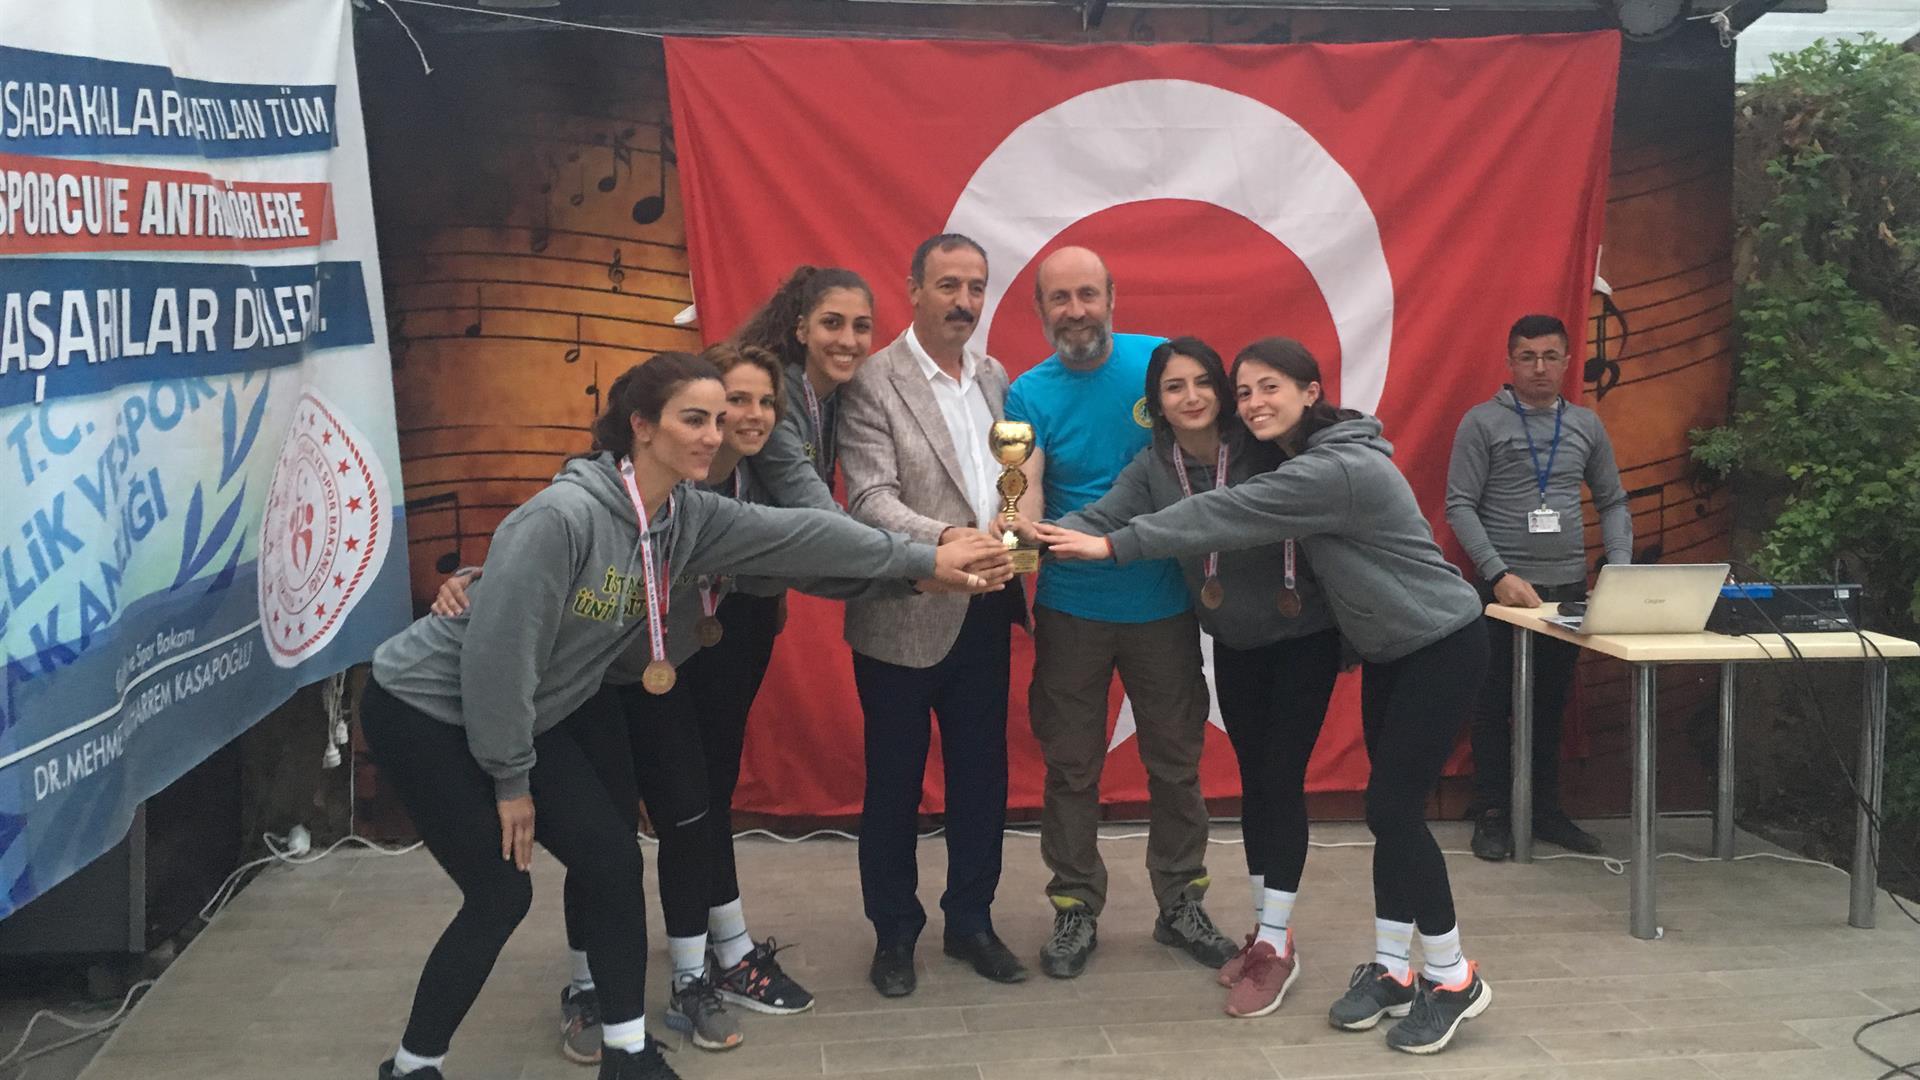 İÜ-Kadın-Rafting-Takımı-Dünya-Rafting-Şampiyonası'nda-Ülkemizi-Temsil-Edecek